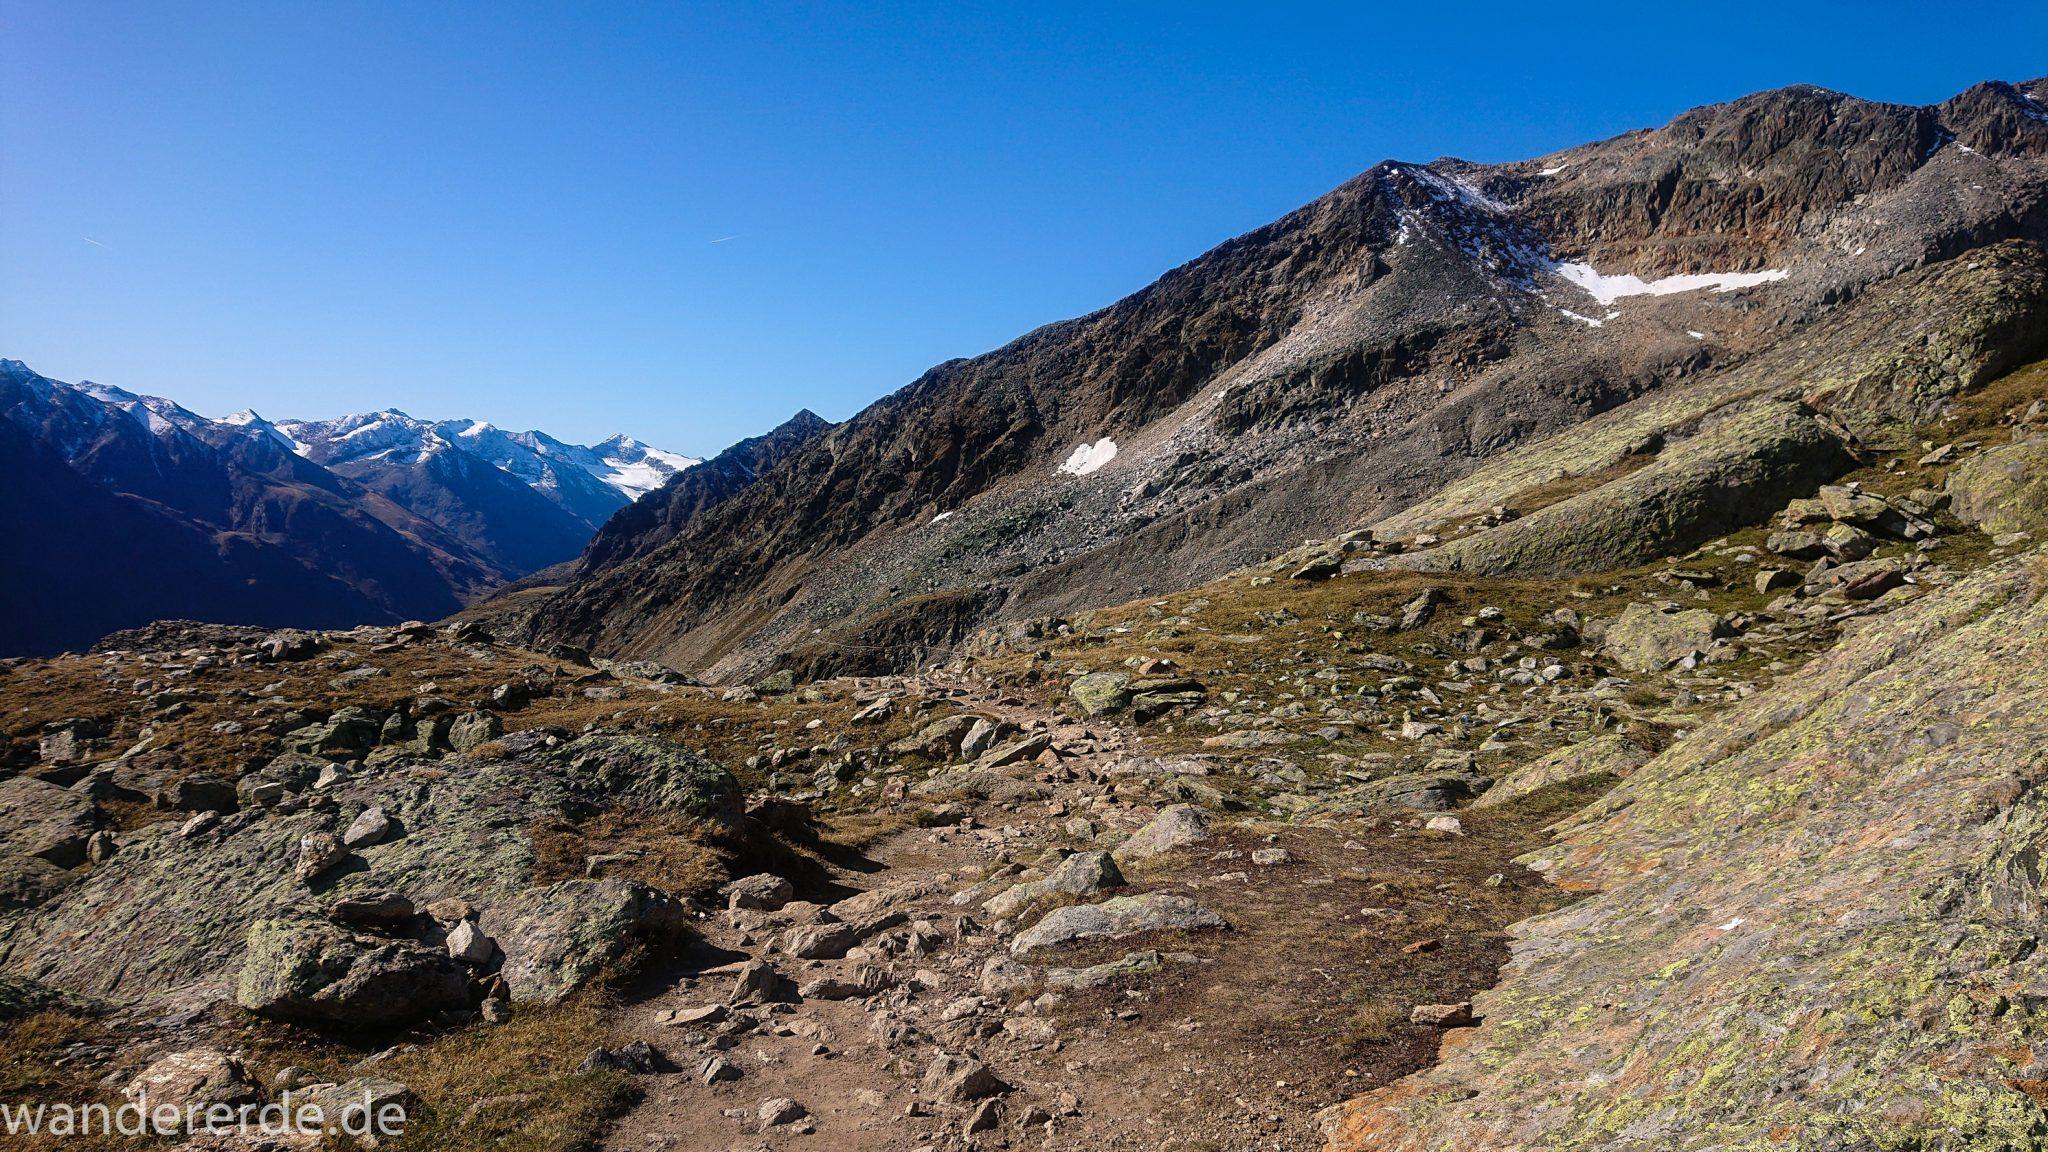 Alpenüberquerung Fernwanderweg E5 Oberstdorf Meran, 5. Etappe von Braunschweiger Hütte zur Martin-Busch-Hütte, nach Überschreiten des Pitztaler Jochls geht es mit dem Bus durch den Rosi-Mittermeier-Tunnel, dann in 4 Stunden auf dem neuen Panoramaweg nach Vent, sehr abwechslungsreiche Wegführung, Zeit vergeht schnell, immer nur kurze Abschnitte ansteigend bergauf, zauberhafte Ausblicke auf die umliegenden Berge